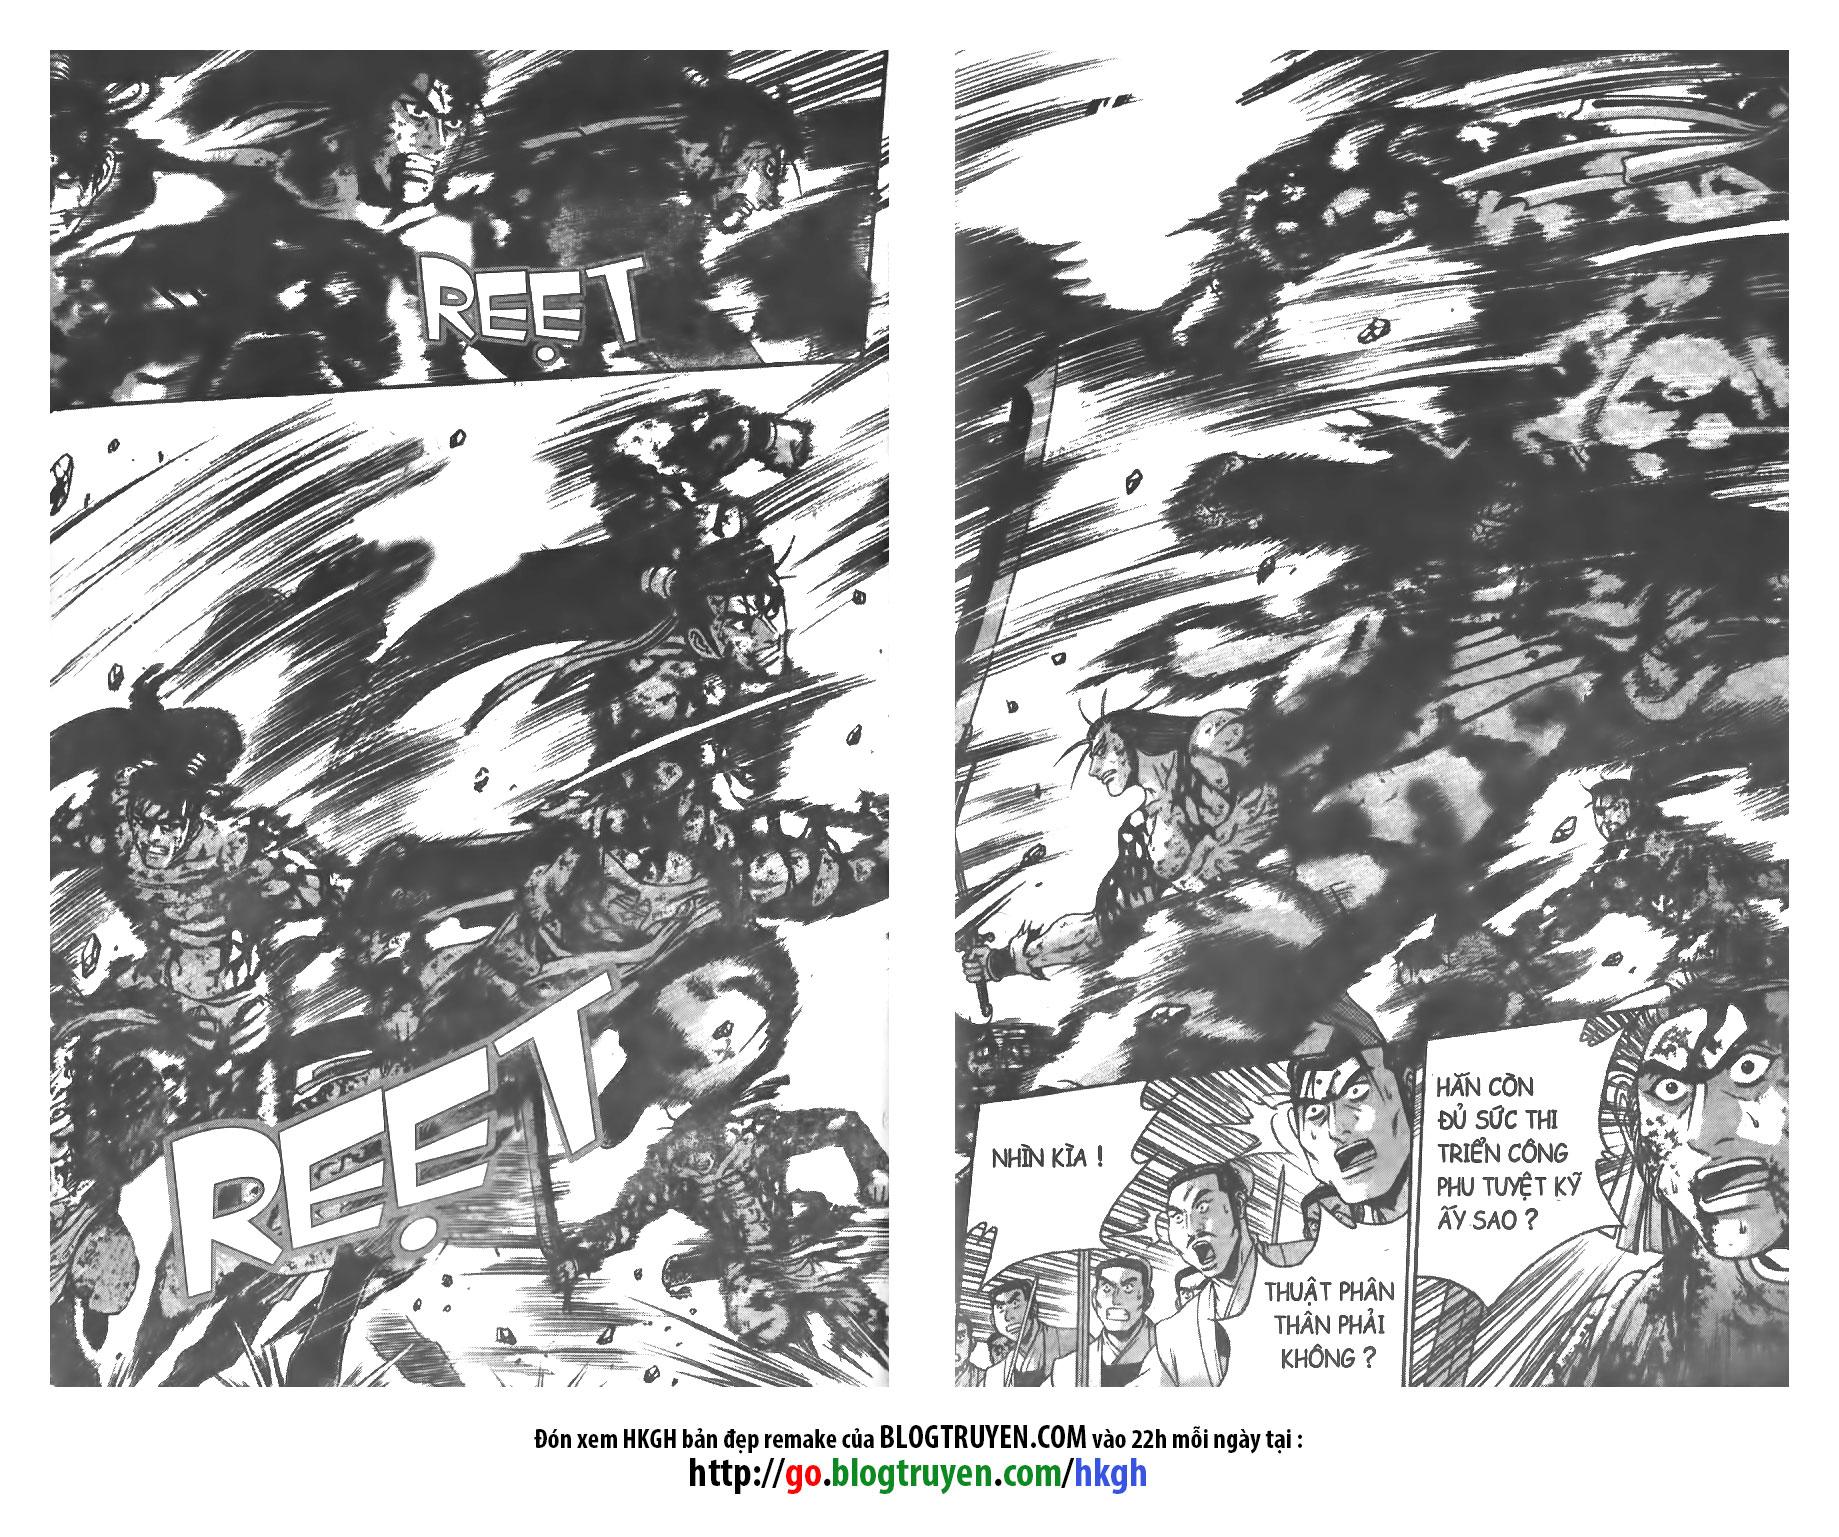 xem truyen moi - Hiệp Khách Giang Hồ Vol32 - Chap 217 - Remake